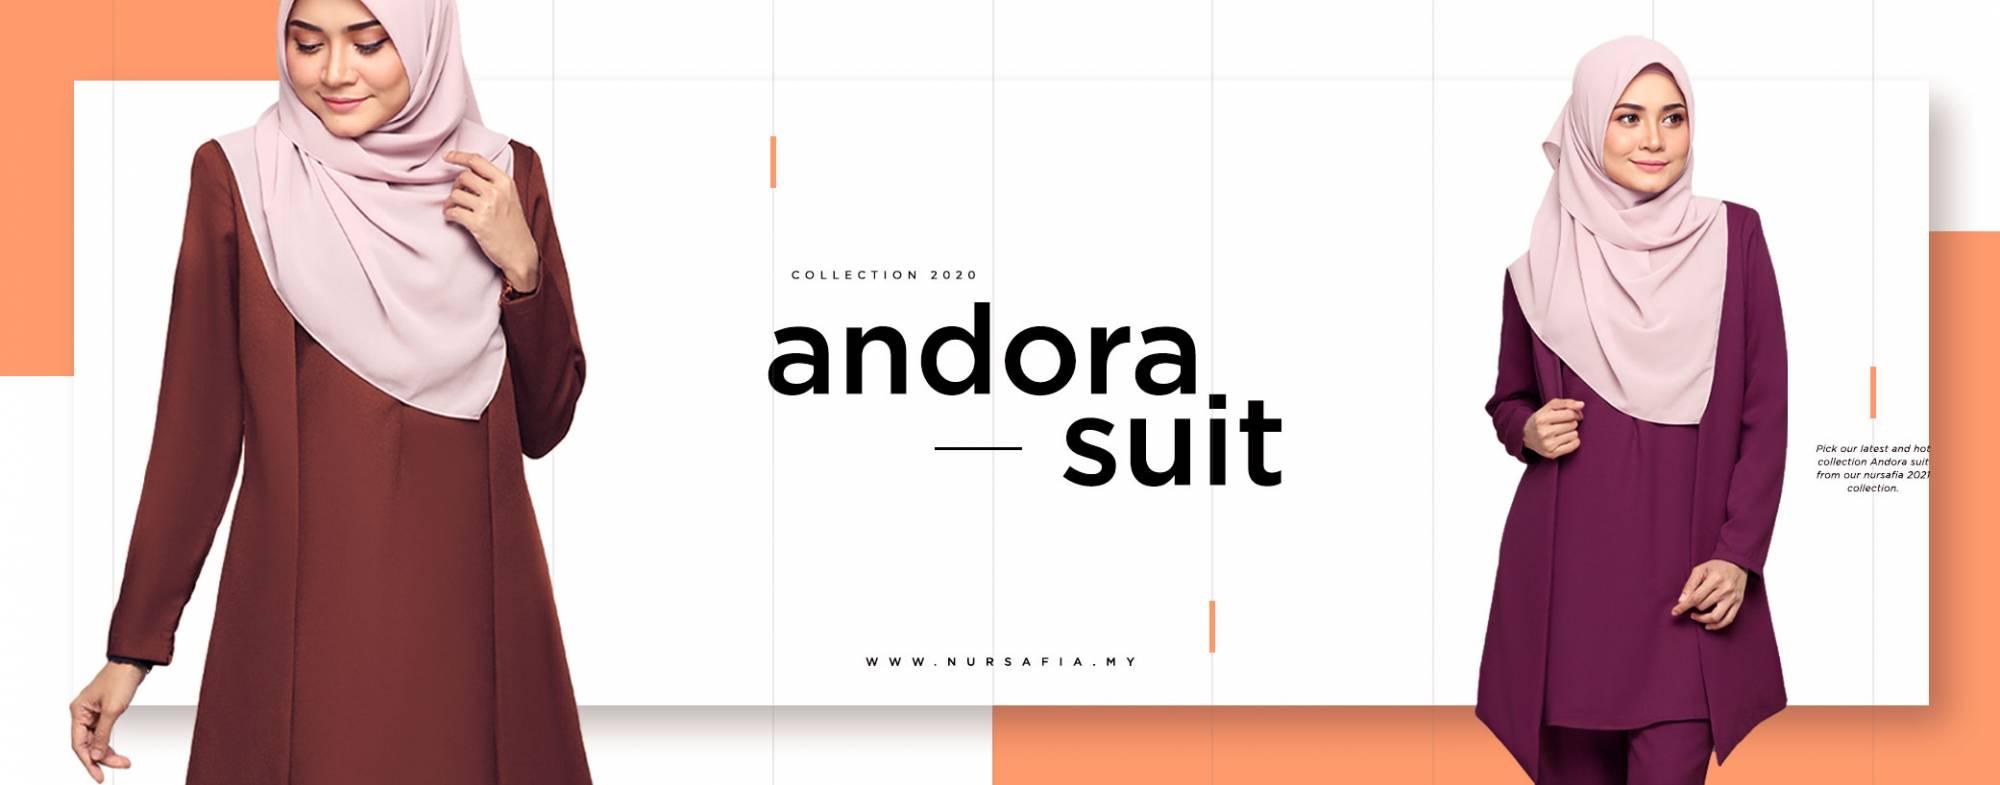 Andora Suit